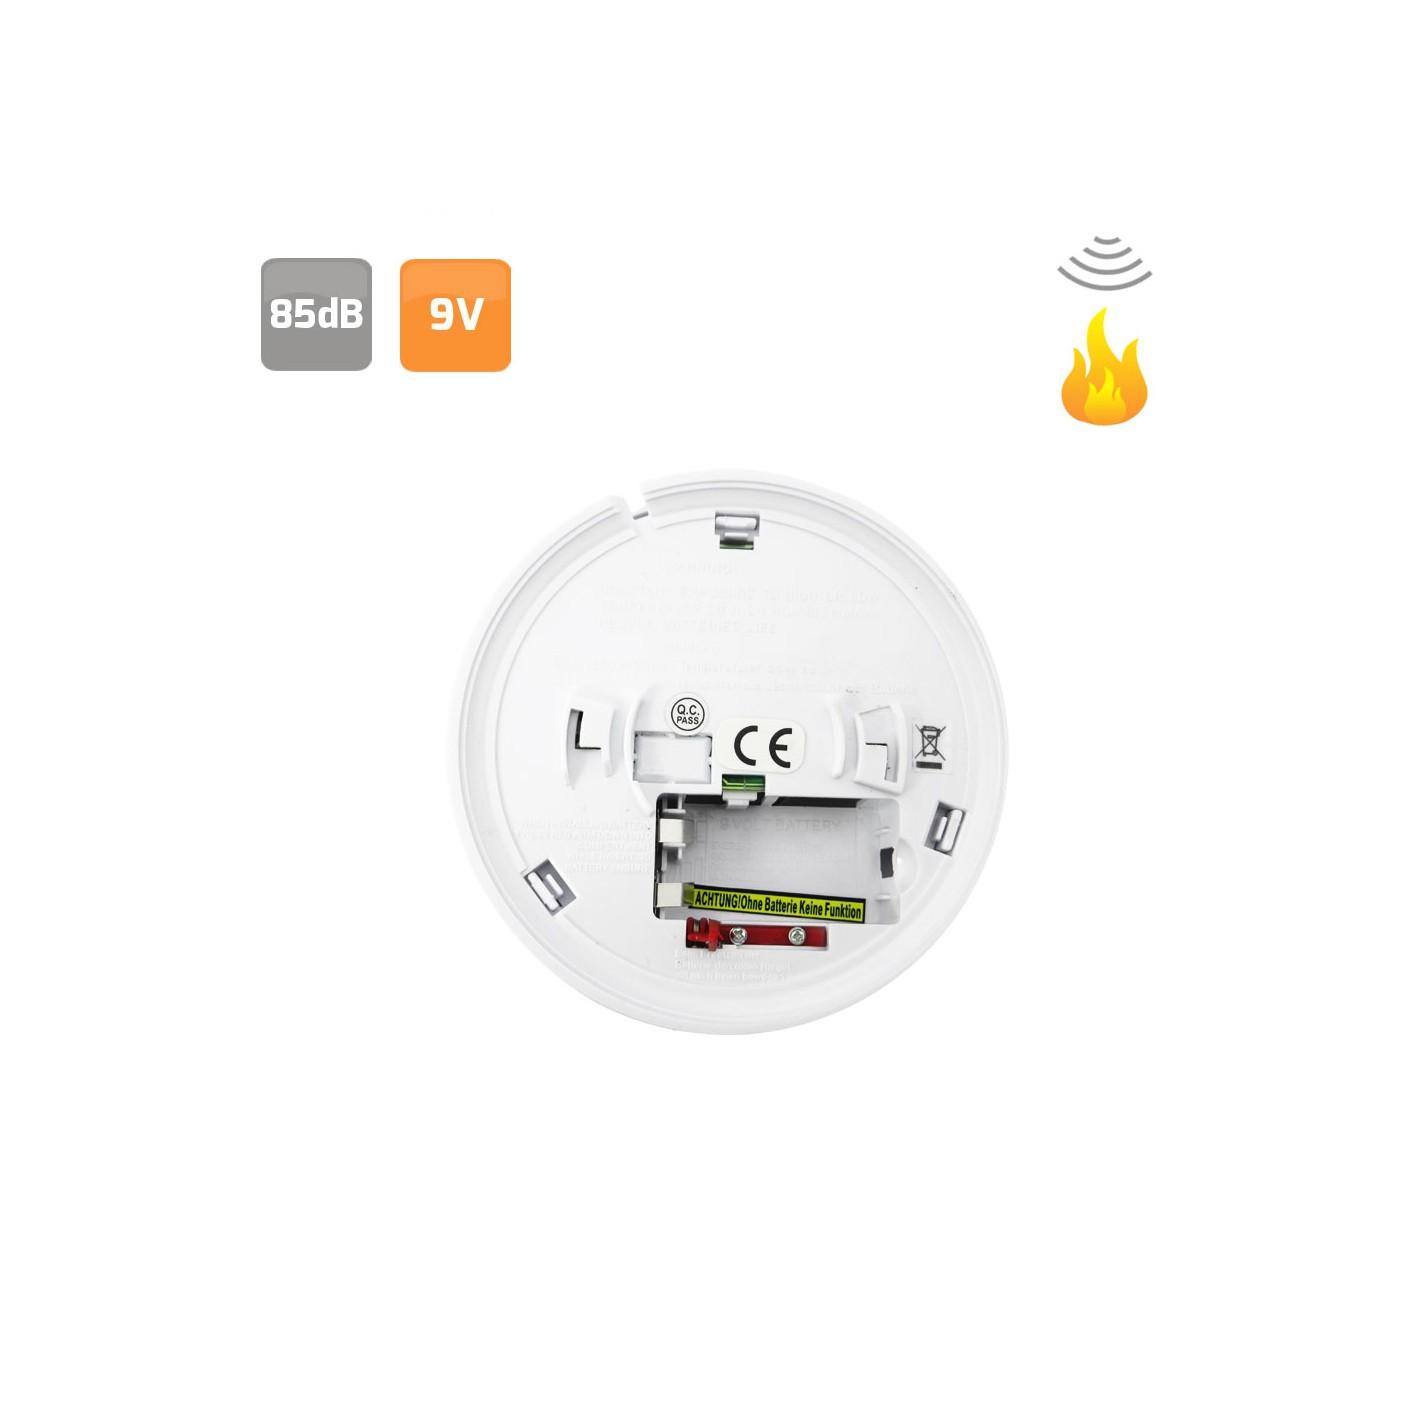 Alarma detector de humos alg sistemas - Detector de humos ...